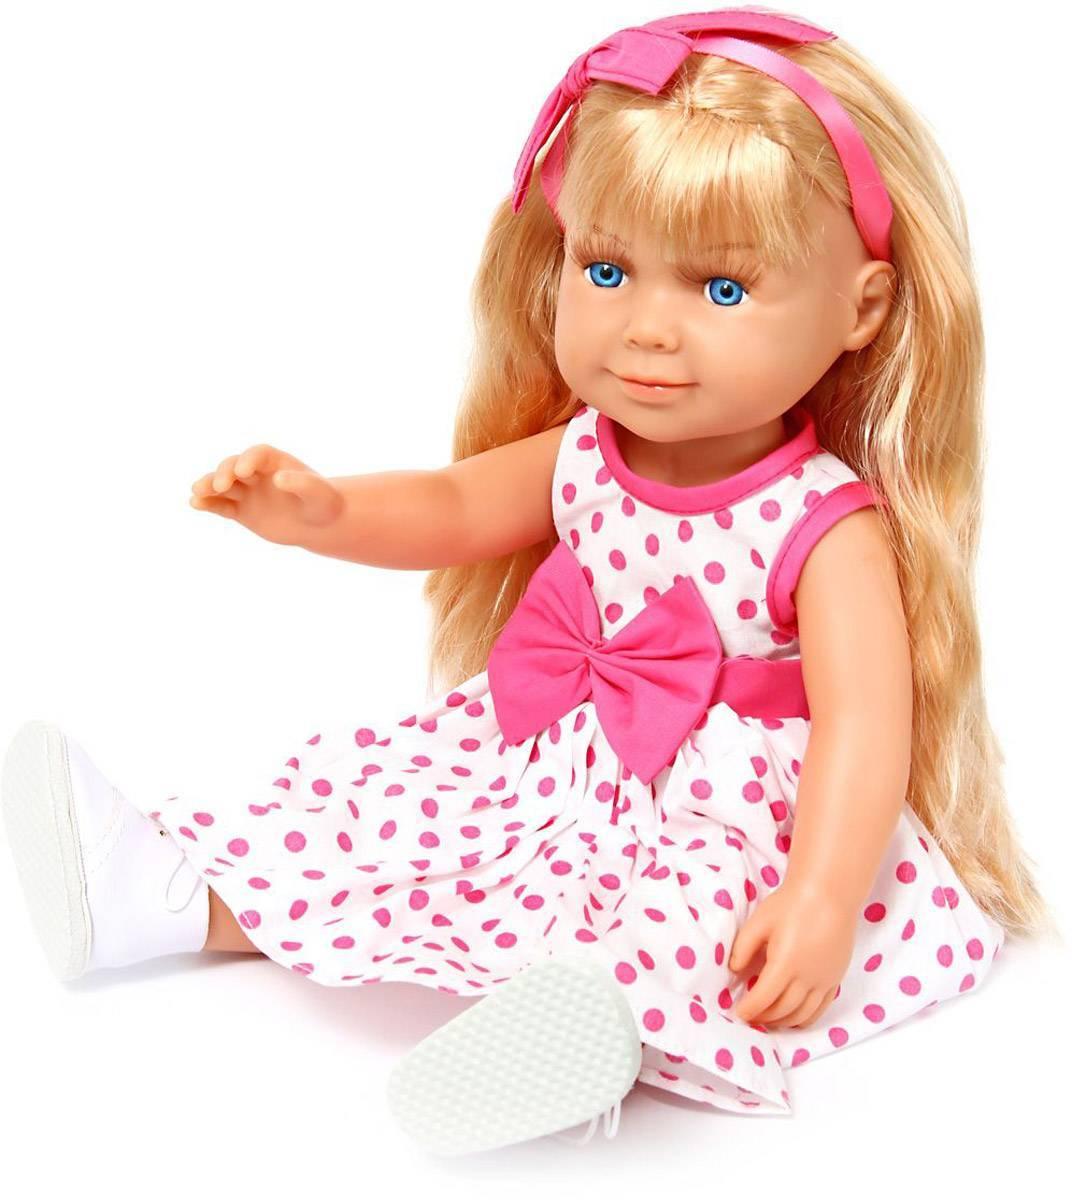 Самые популярные куклы 2019: как выбрать подарок для девочки